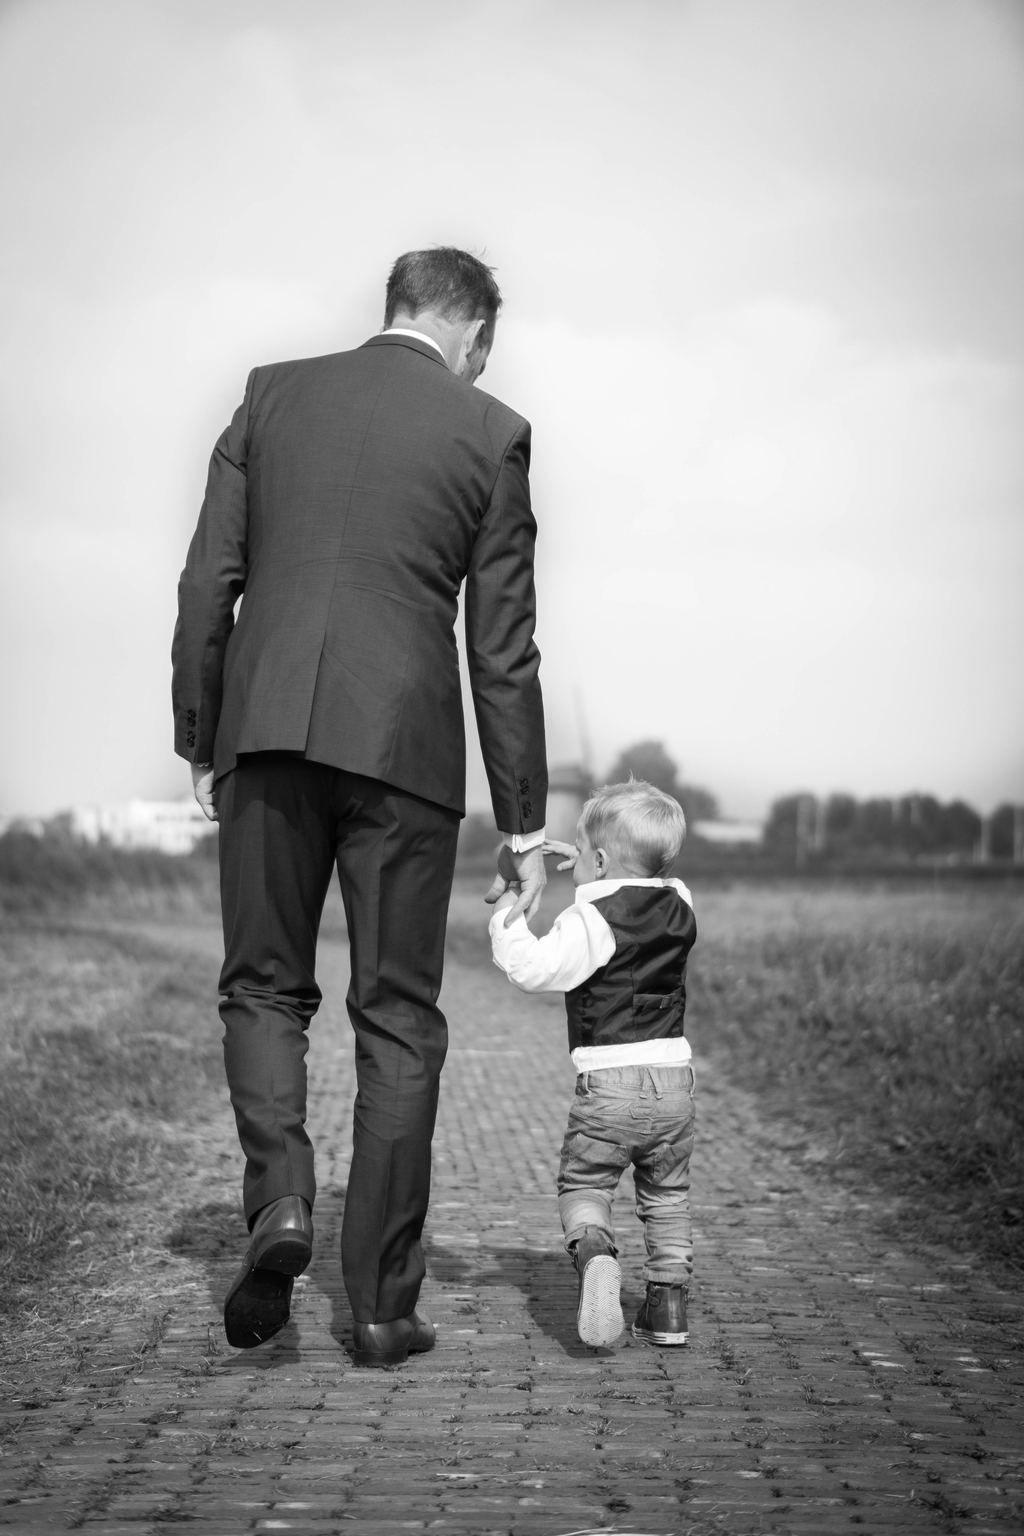 491c590608 E esteja atento para perceber que o seu amor faz seu filho crescer  confiante dele mesmo e que a autonomia dele está diretamente ligada a essa  relação entre ...